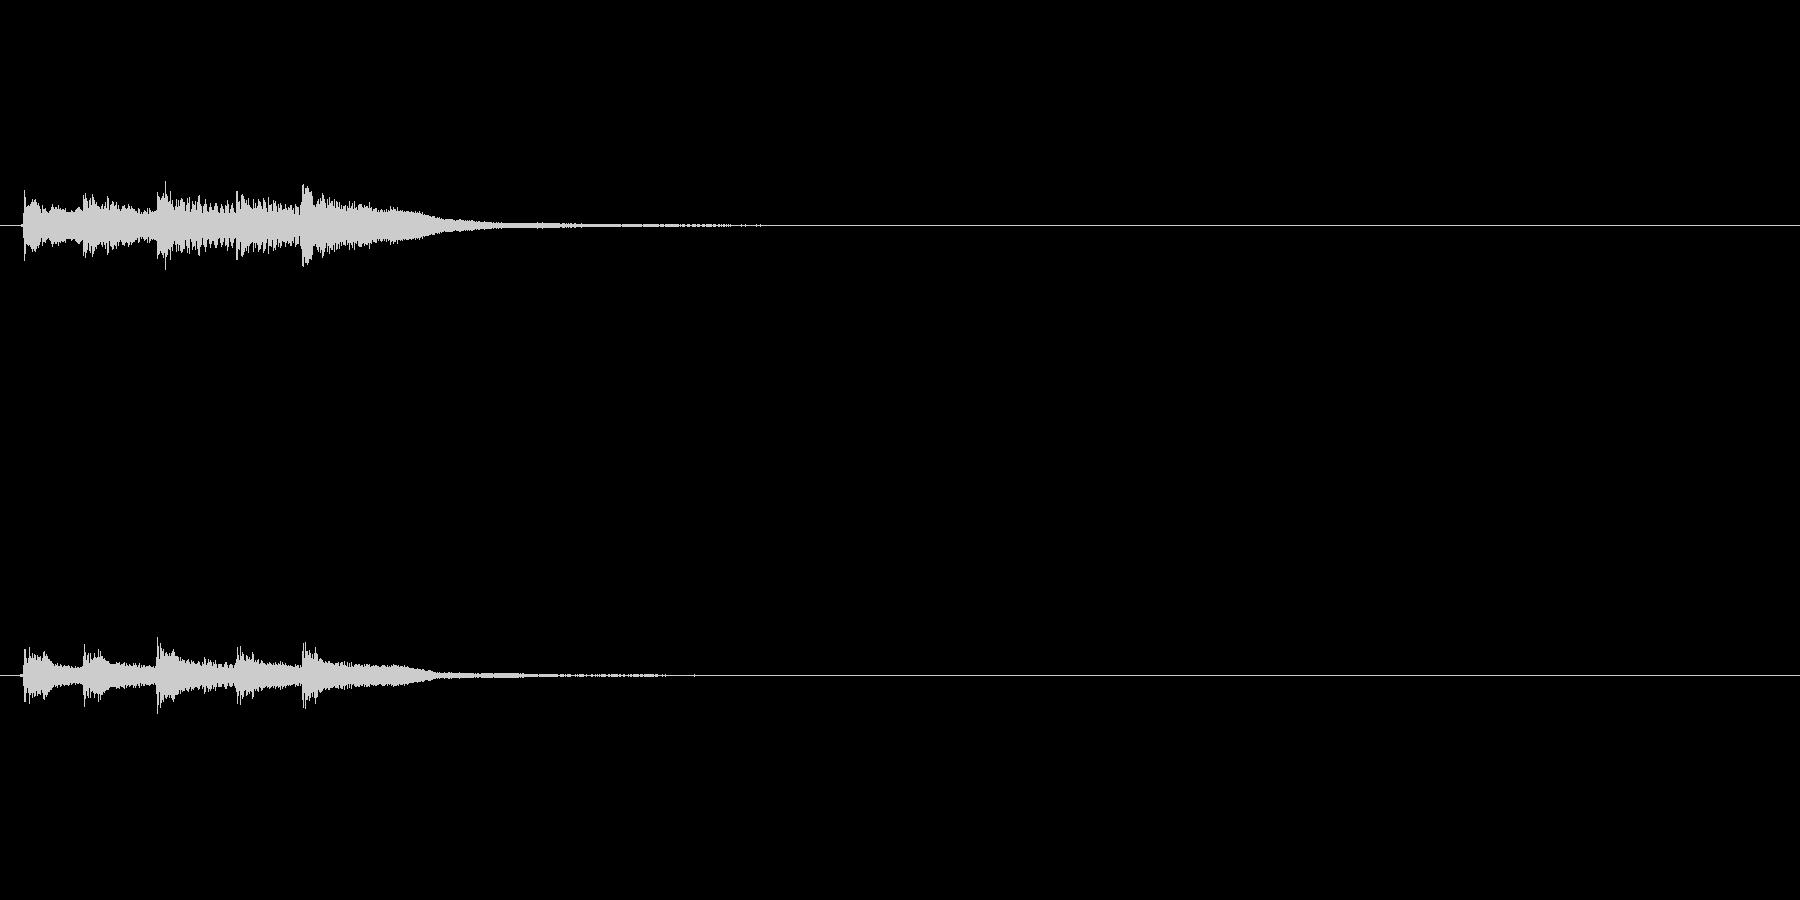 ピロリロリン/ハンマーダルシマー綺麗な音の未再生の波形